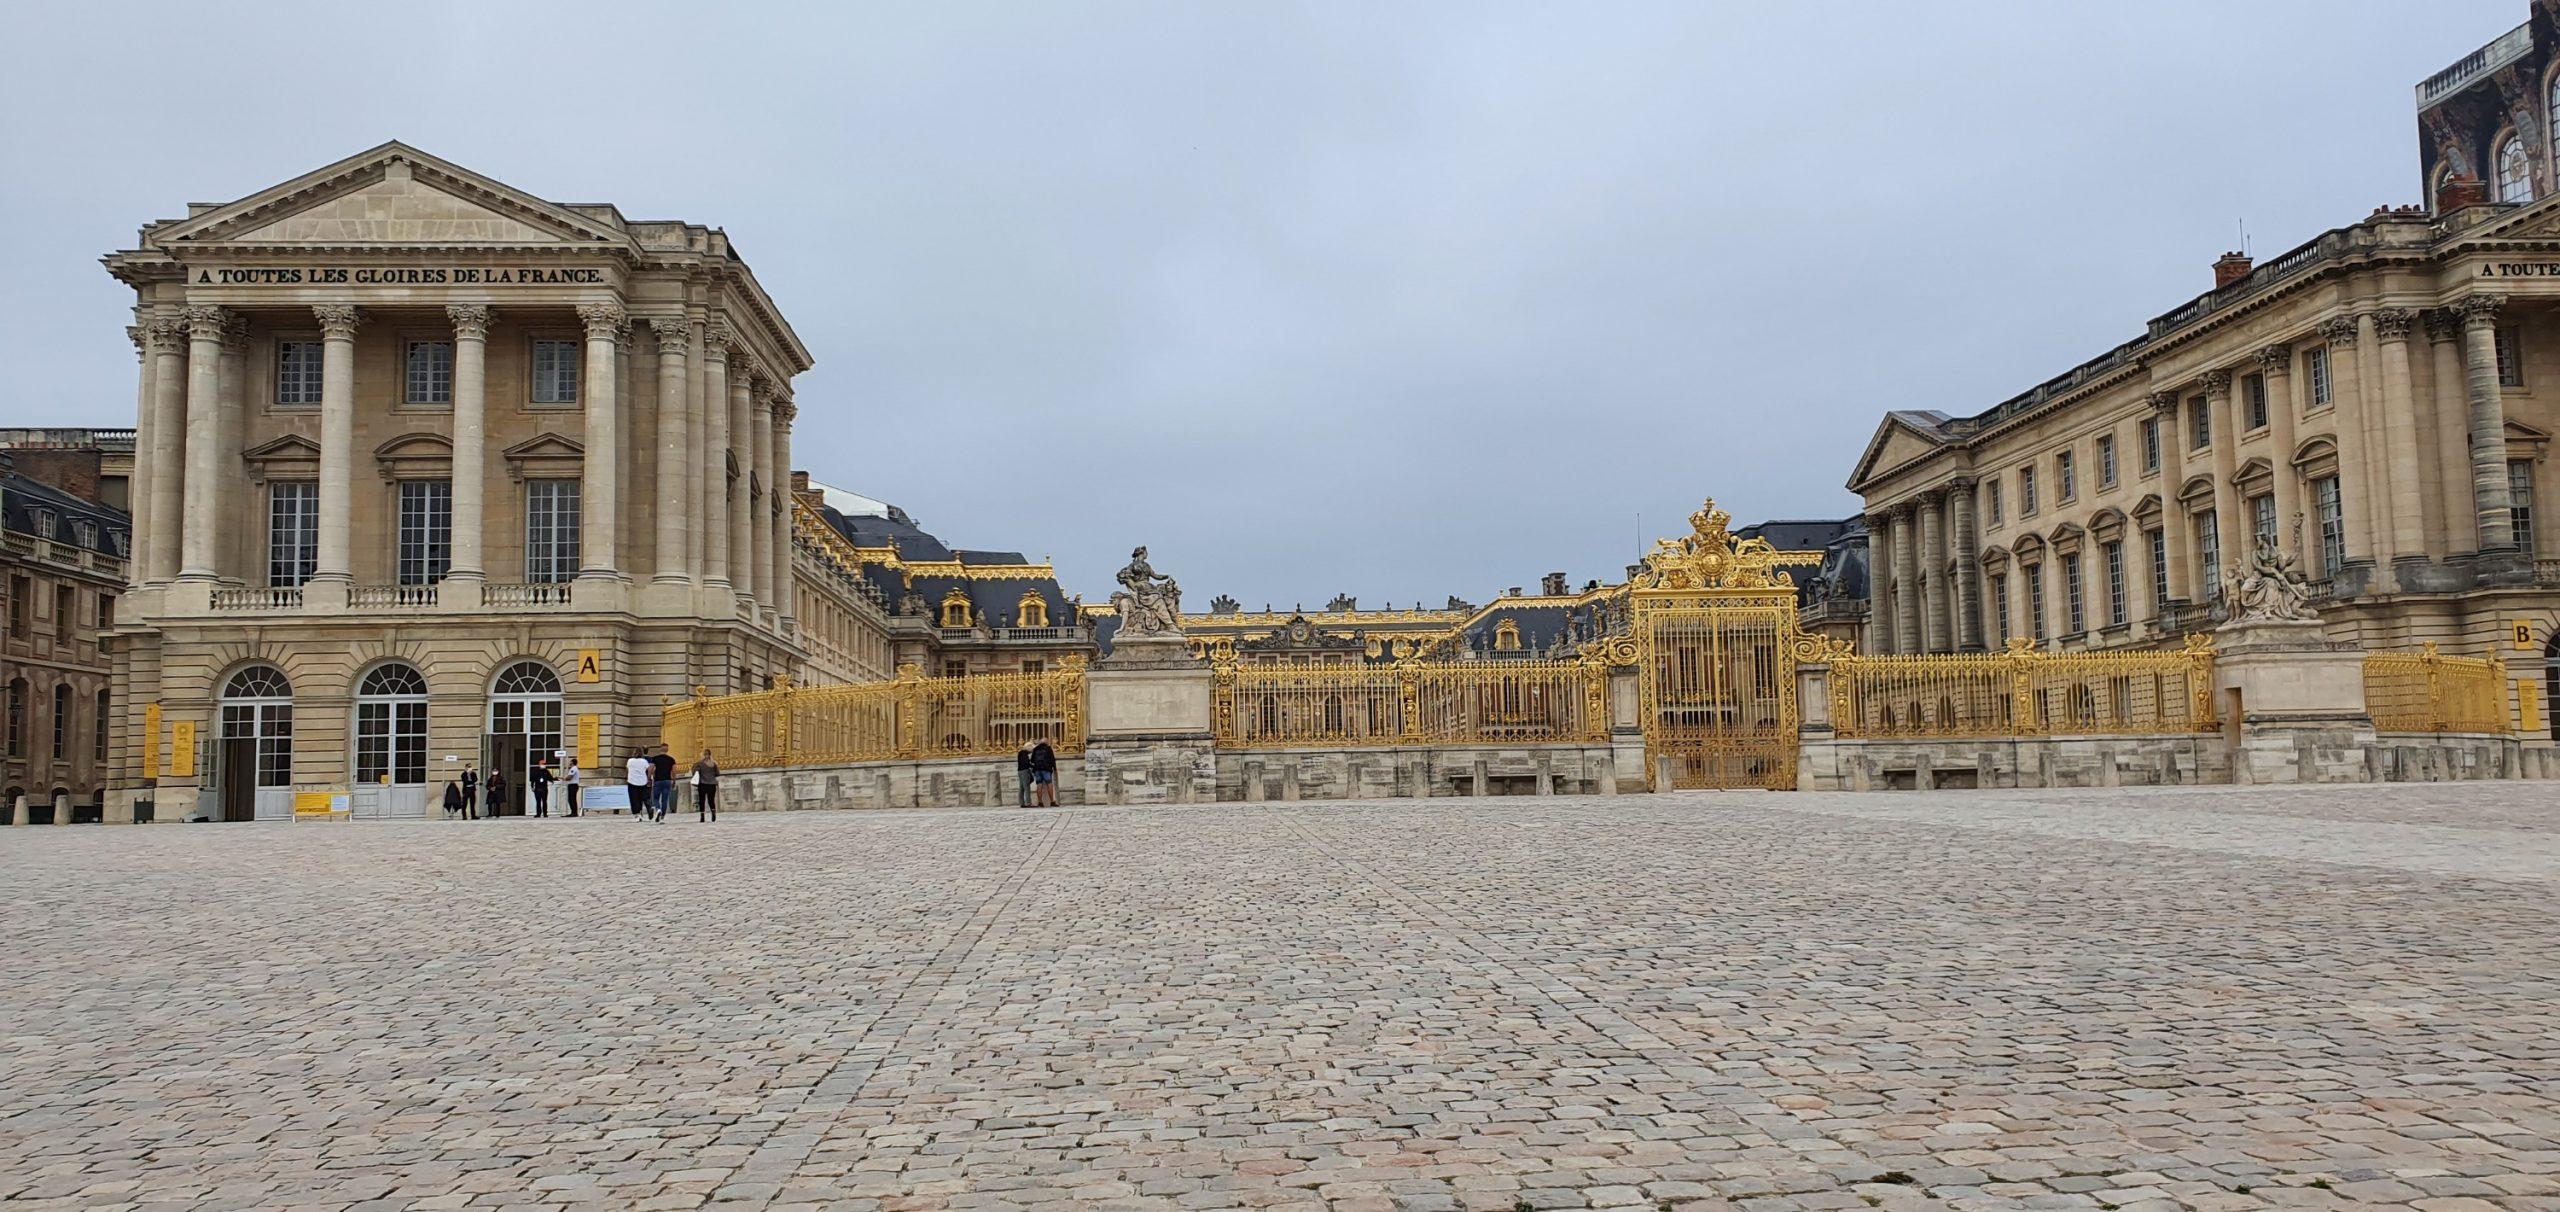 10 septembre : Château de Versailles